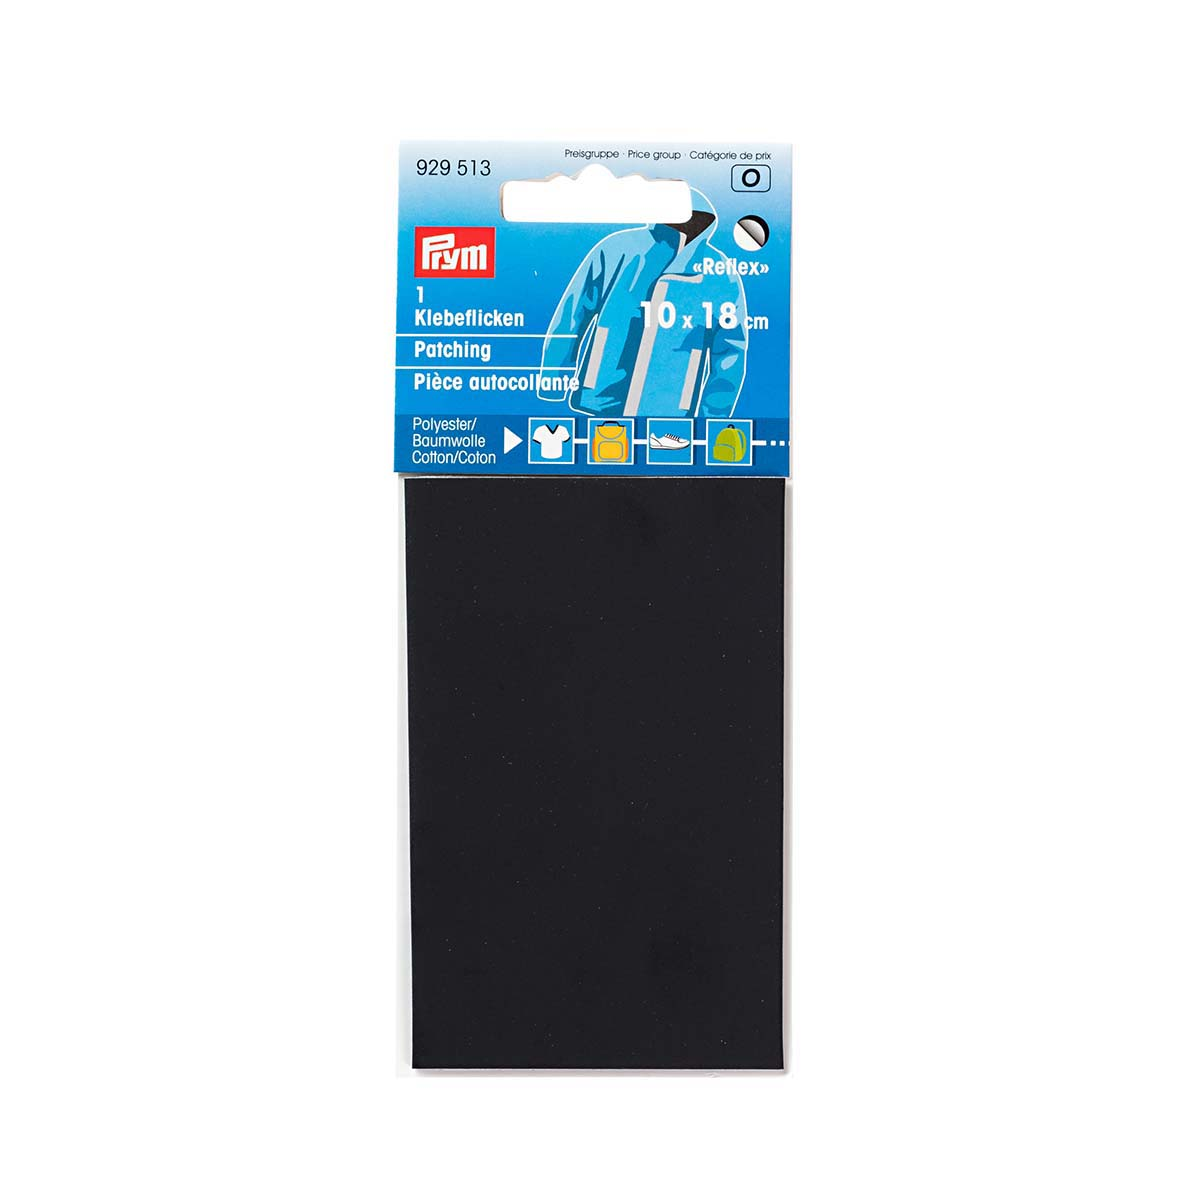 929513 Ткань д/заплаток светотражающая черная 10*18см, 1шт Prym